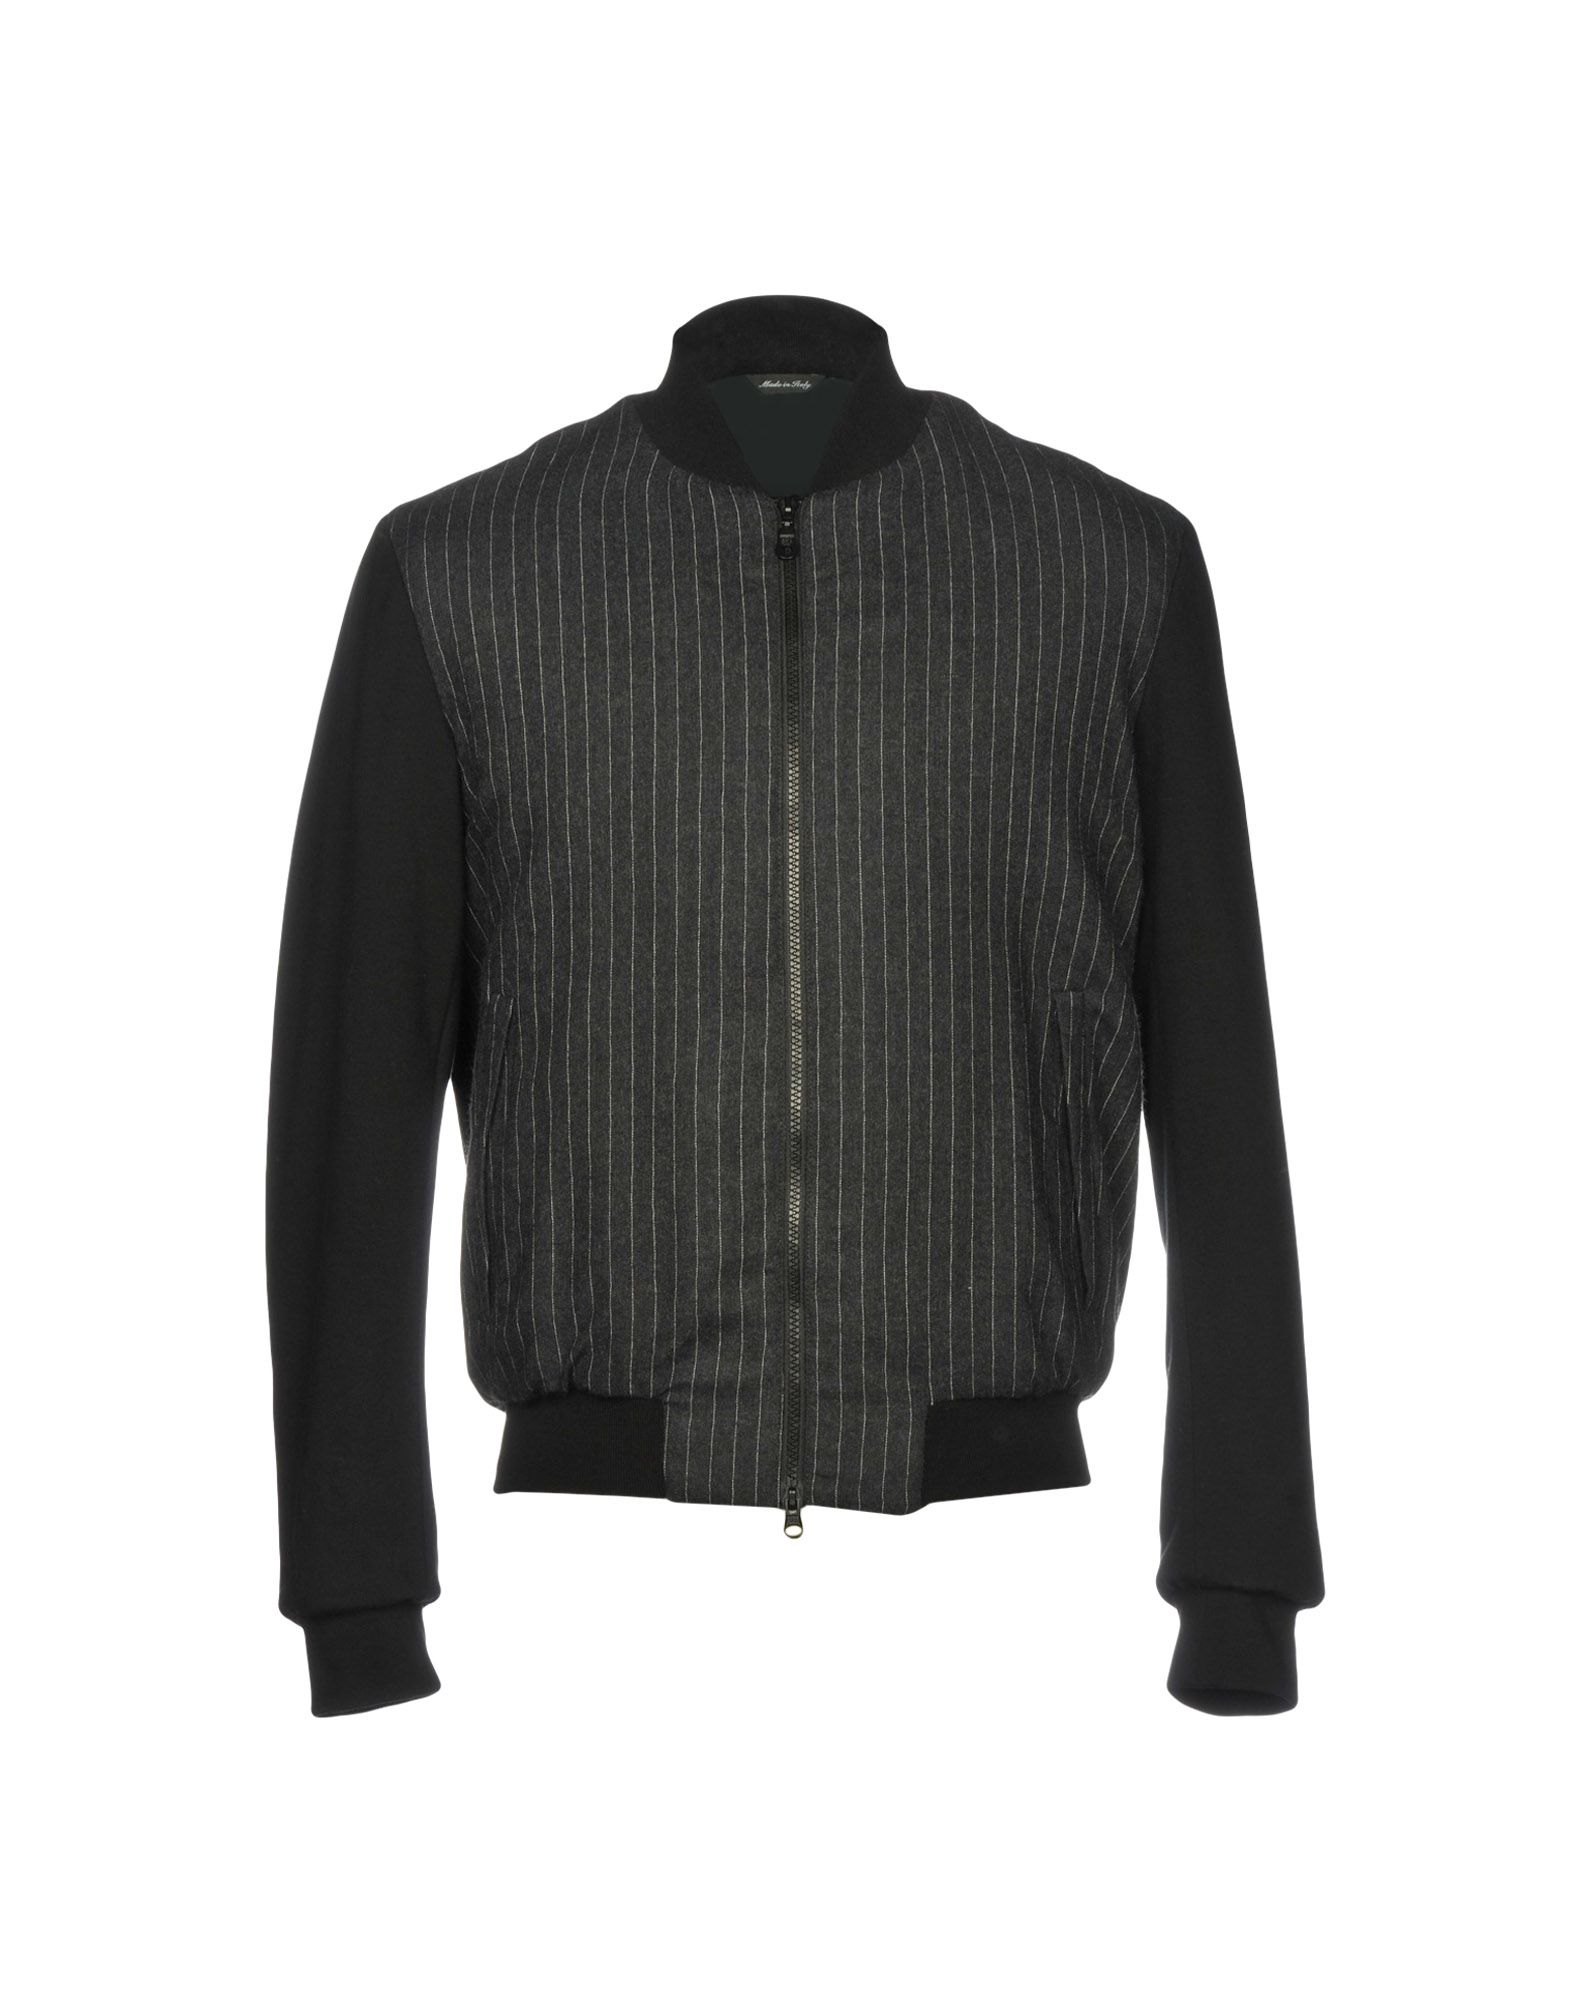 YOON Куртка куртка бомбер короткая в полоску с вышивкой 100